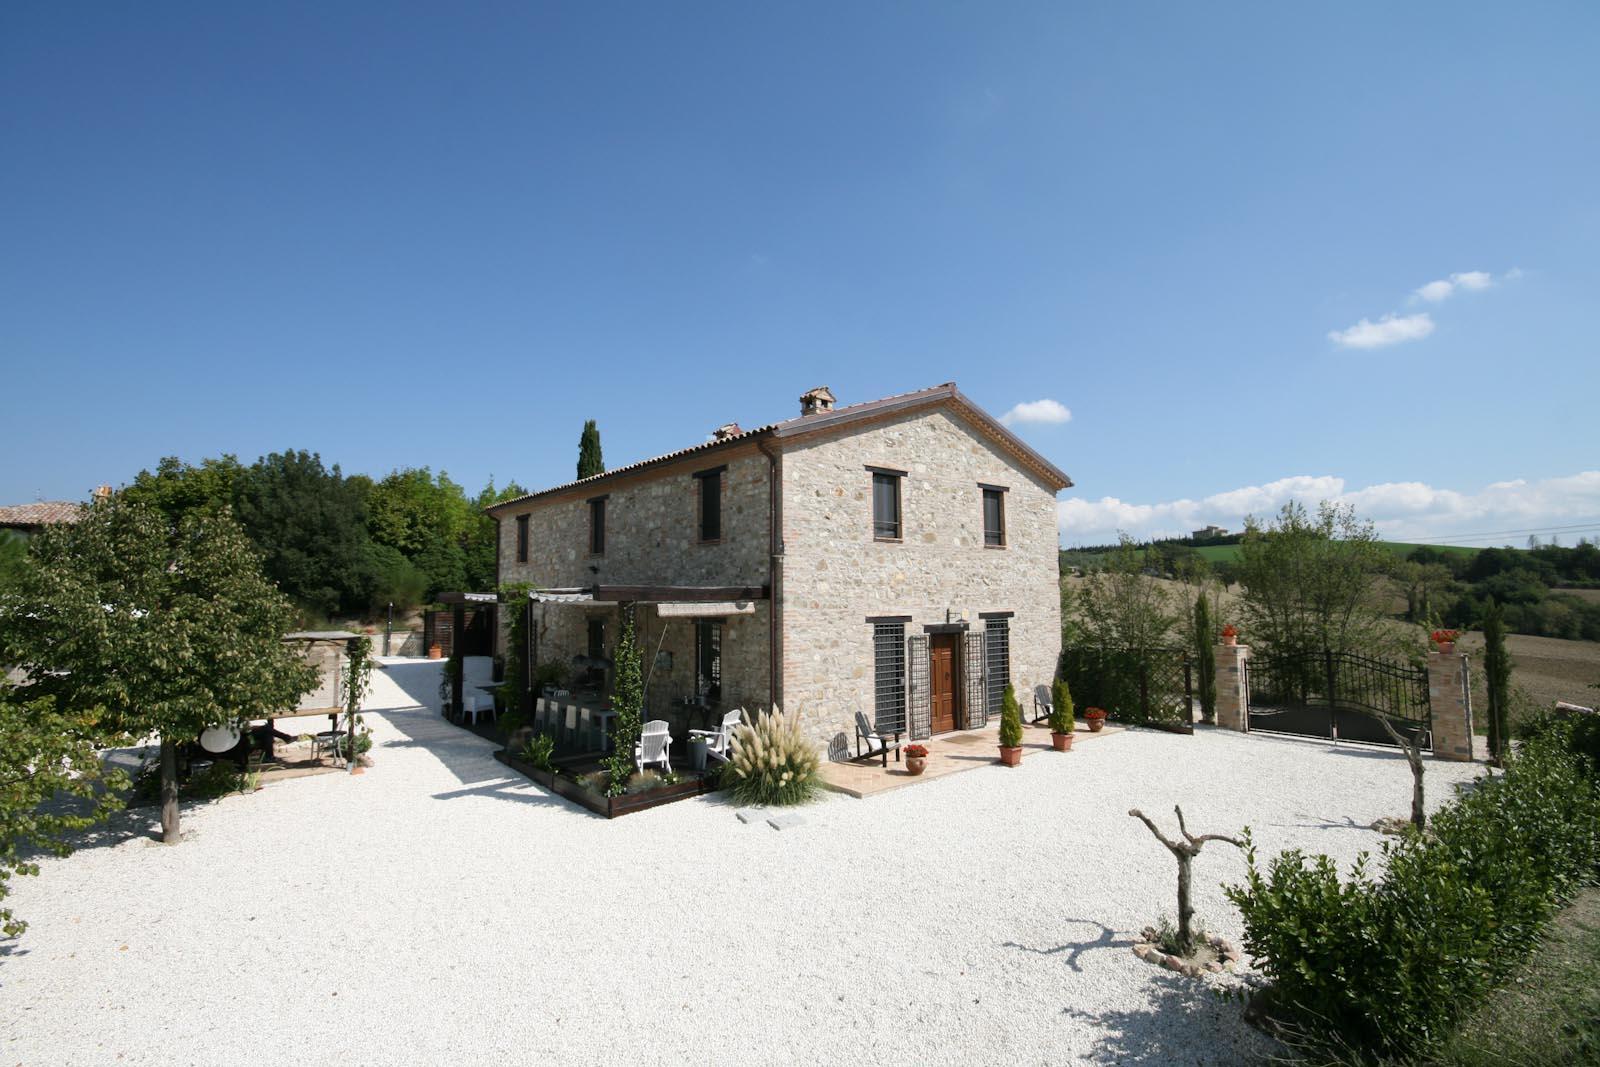 La casa di campagna lussuosa con annessi e piscina vicino a Todi in Umbria in vendita